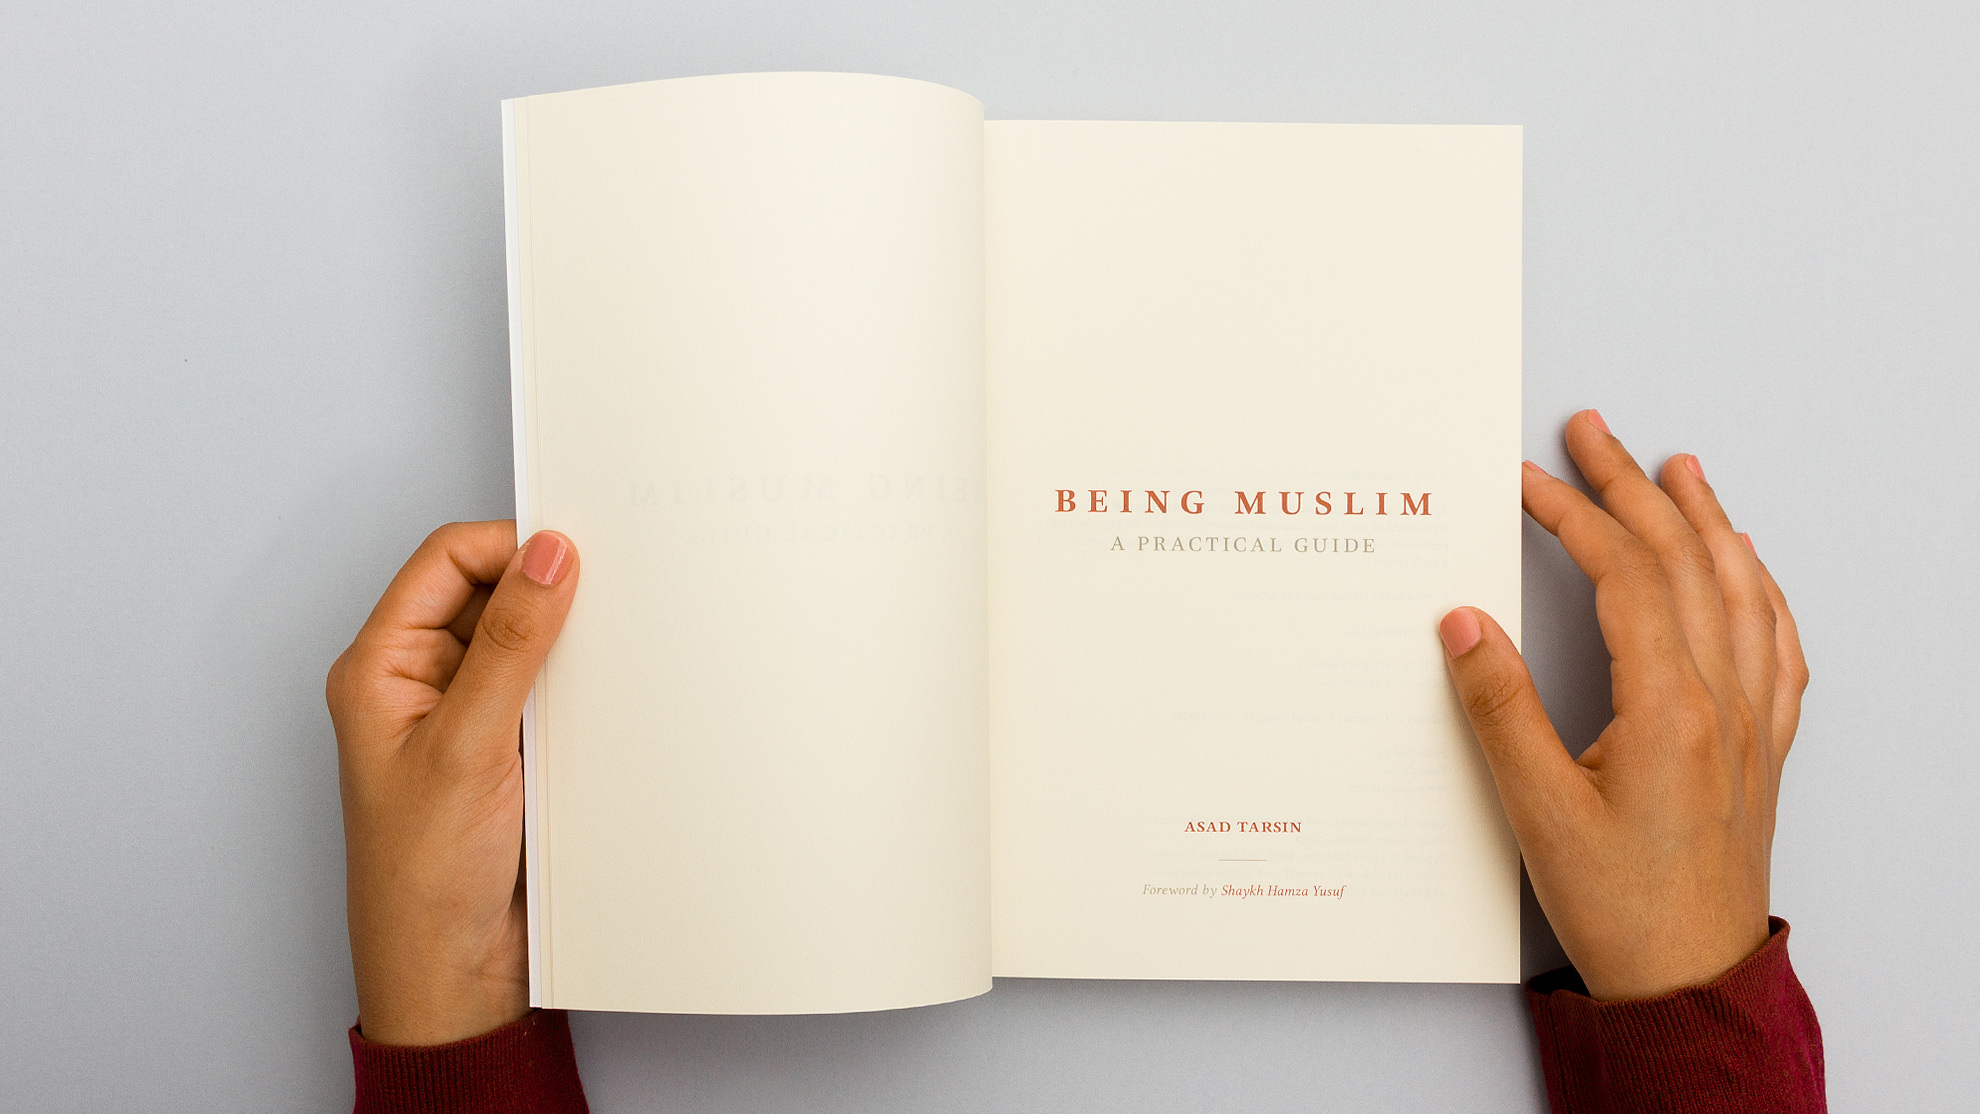 Being_Muslim_02.jpg